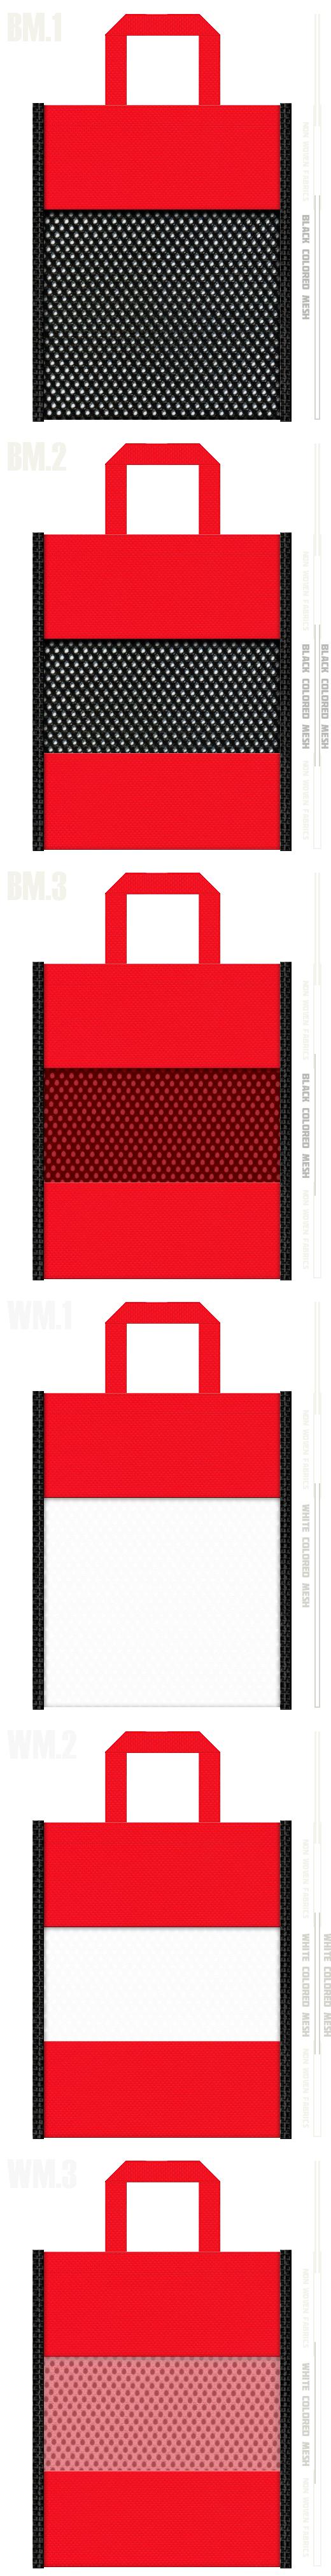 フラットタイプのメッシュバッグのカラーシミュレーション:黒色・白色メッシュと赤色不織布の組み合わせ